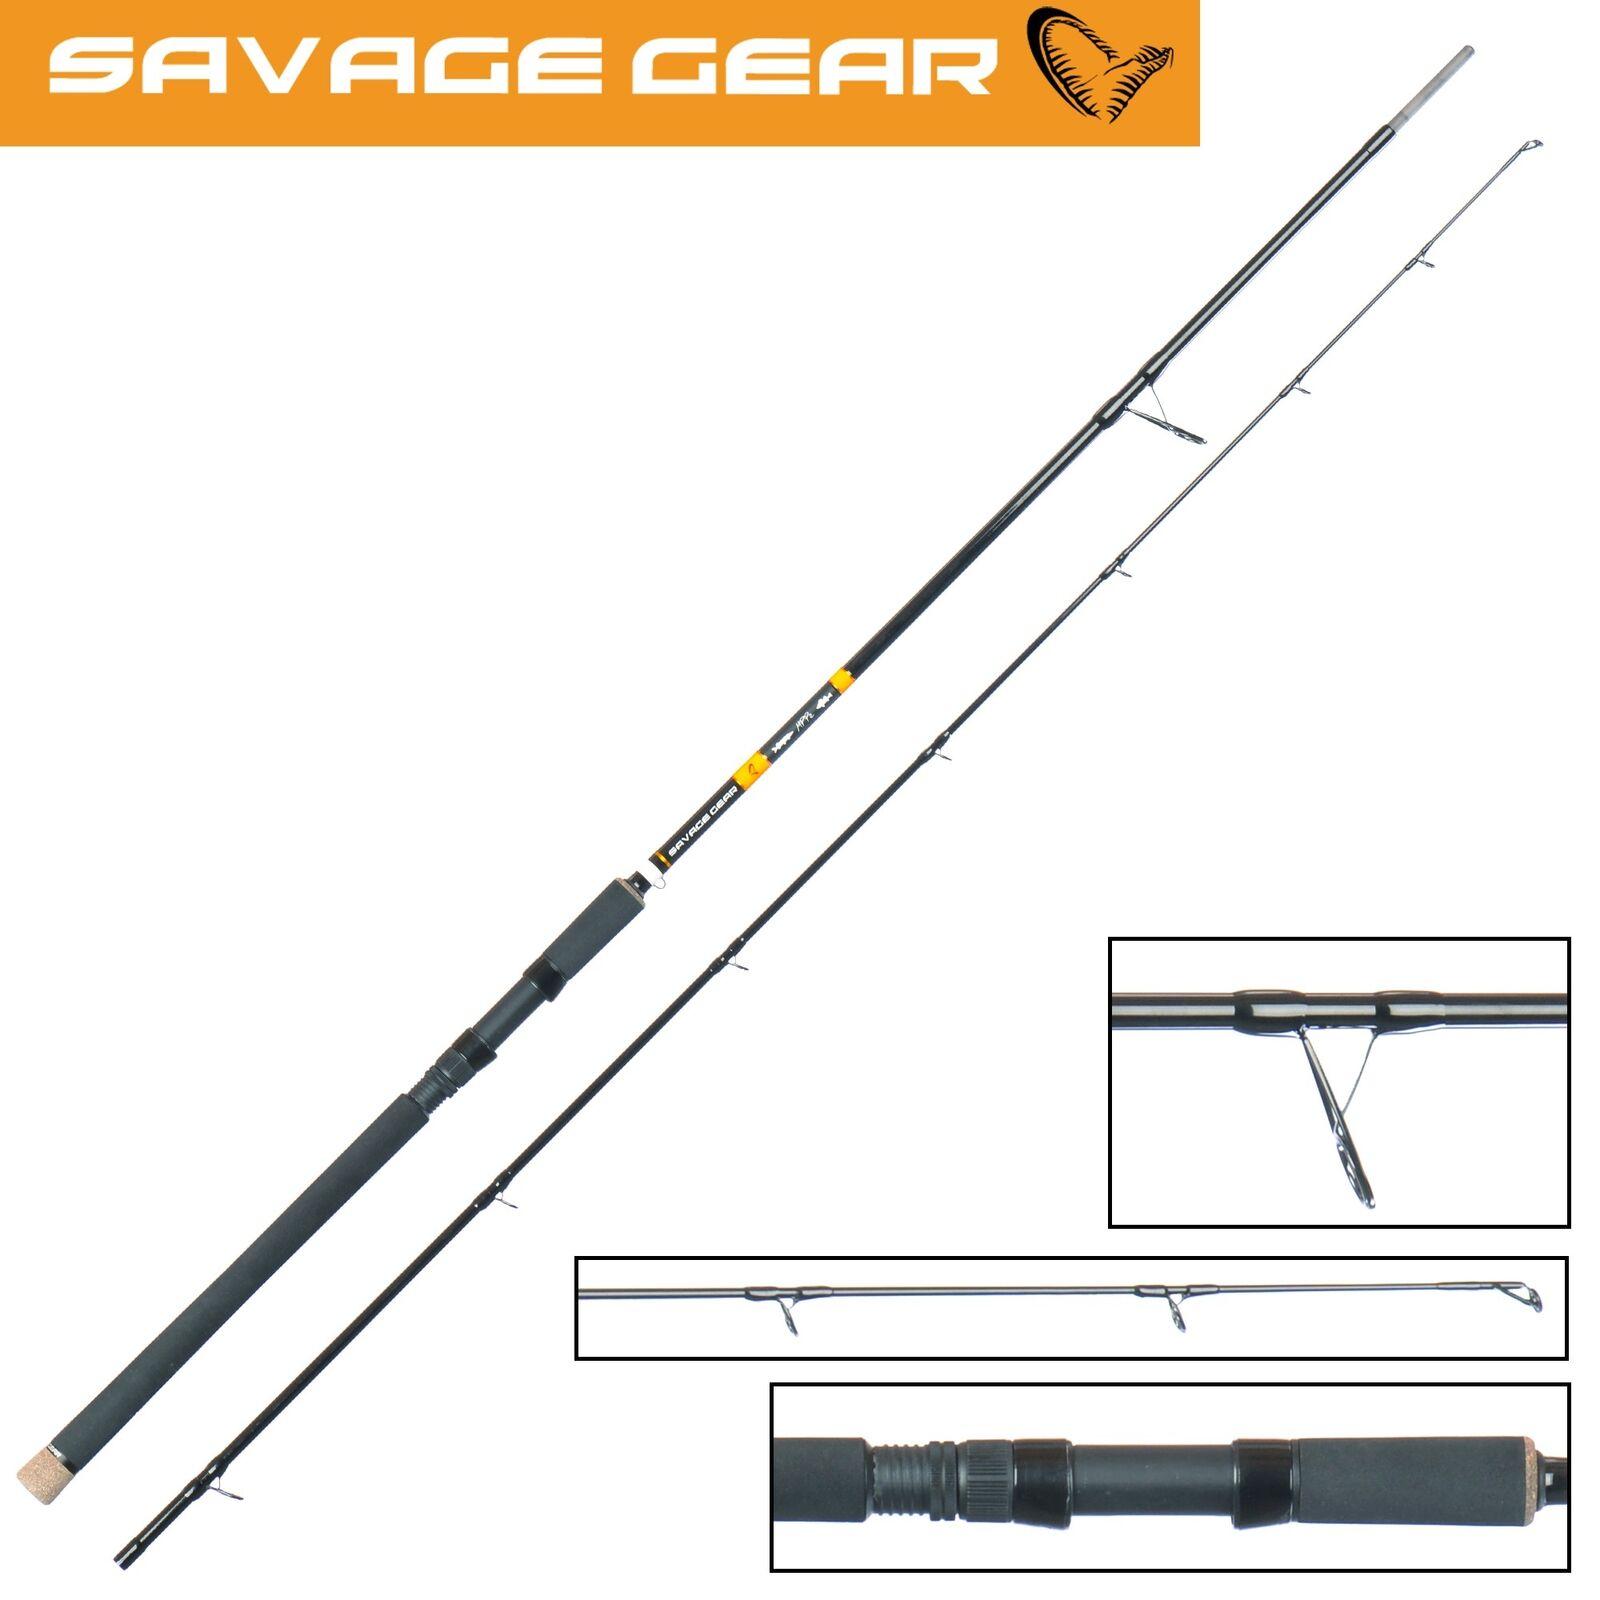 Savage Gear MPP2 Spin 259cm - 100g - 259cm Spinnrute, Hechtrute, Zanderrute, Angelrute d87d79